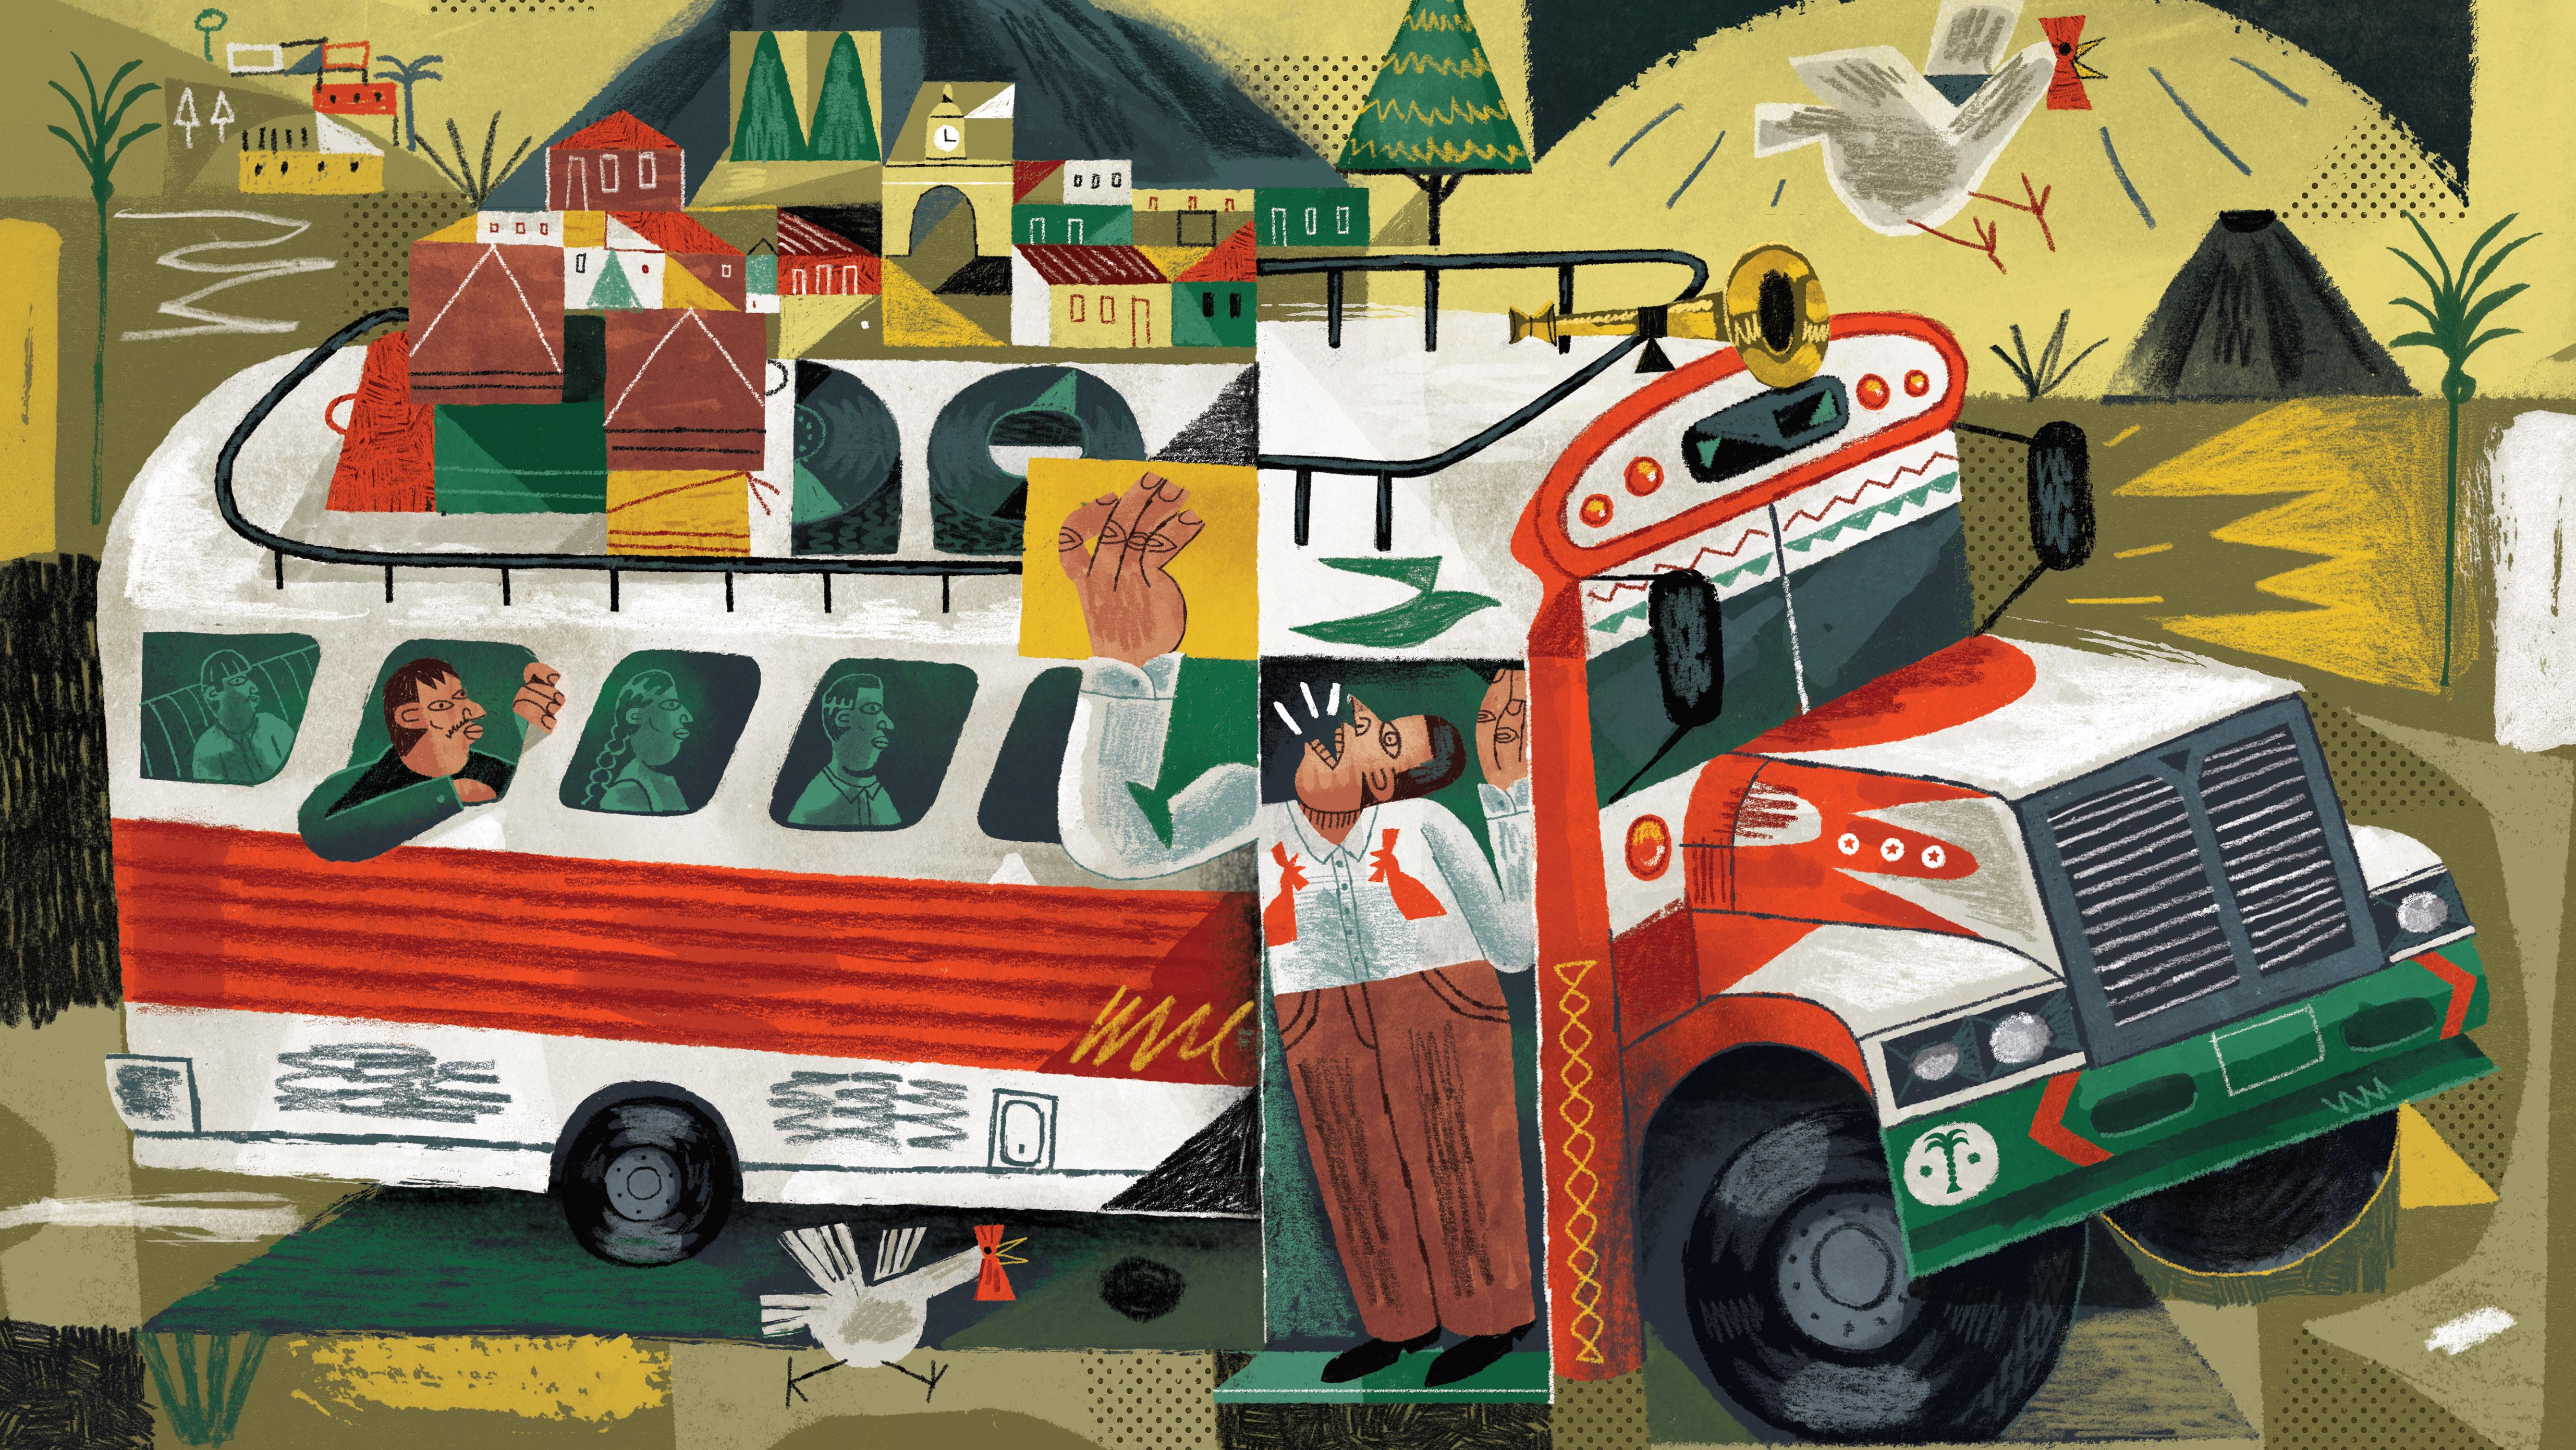 Illustration by Rômolo D'Hipólito